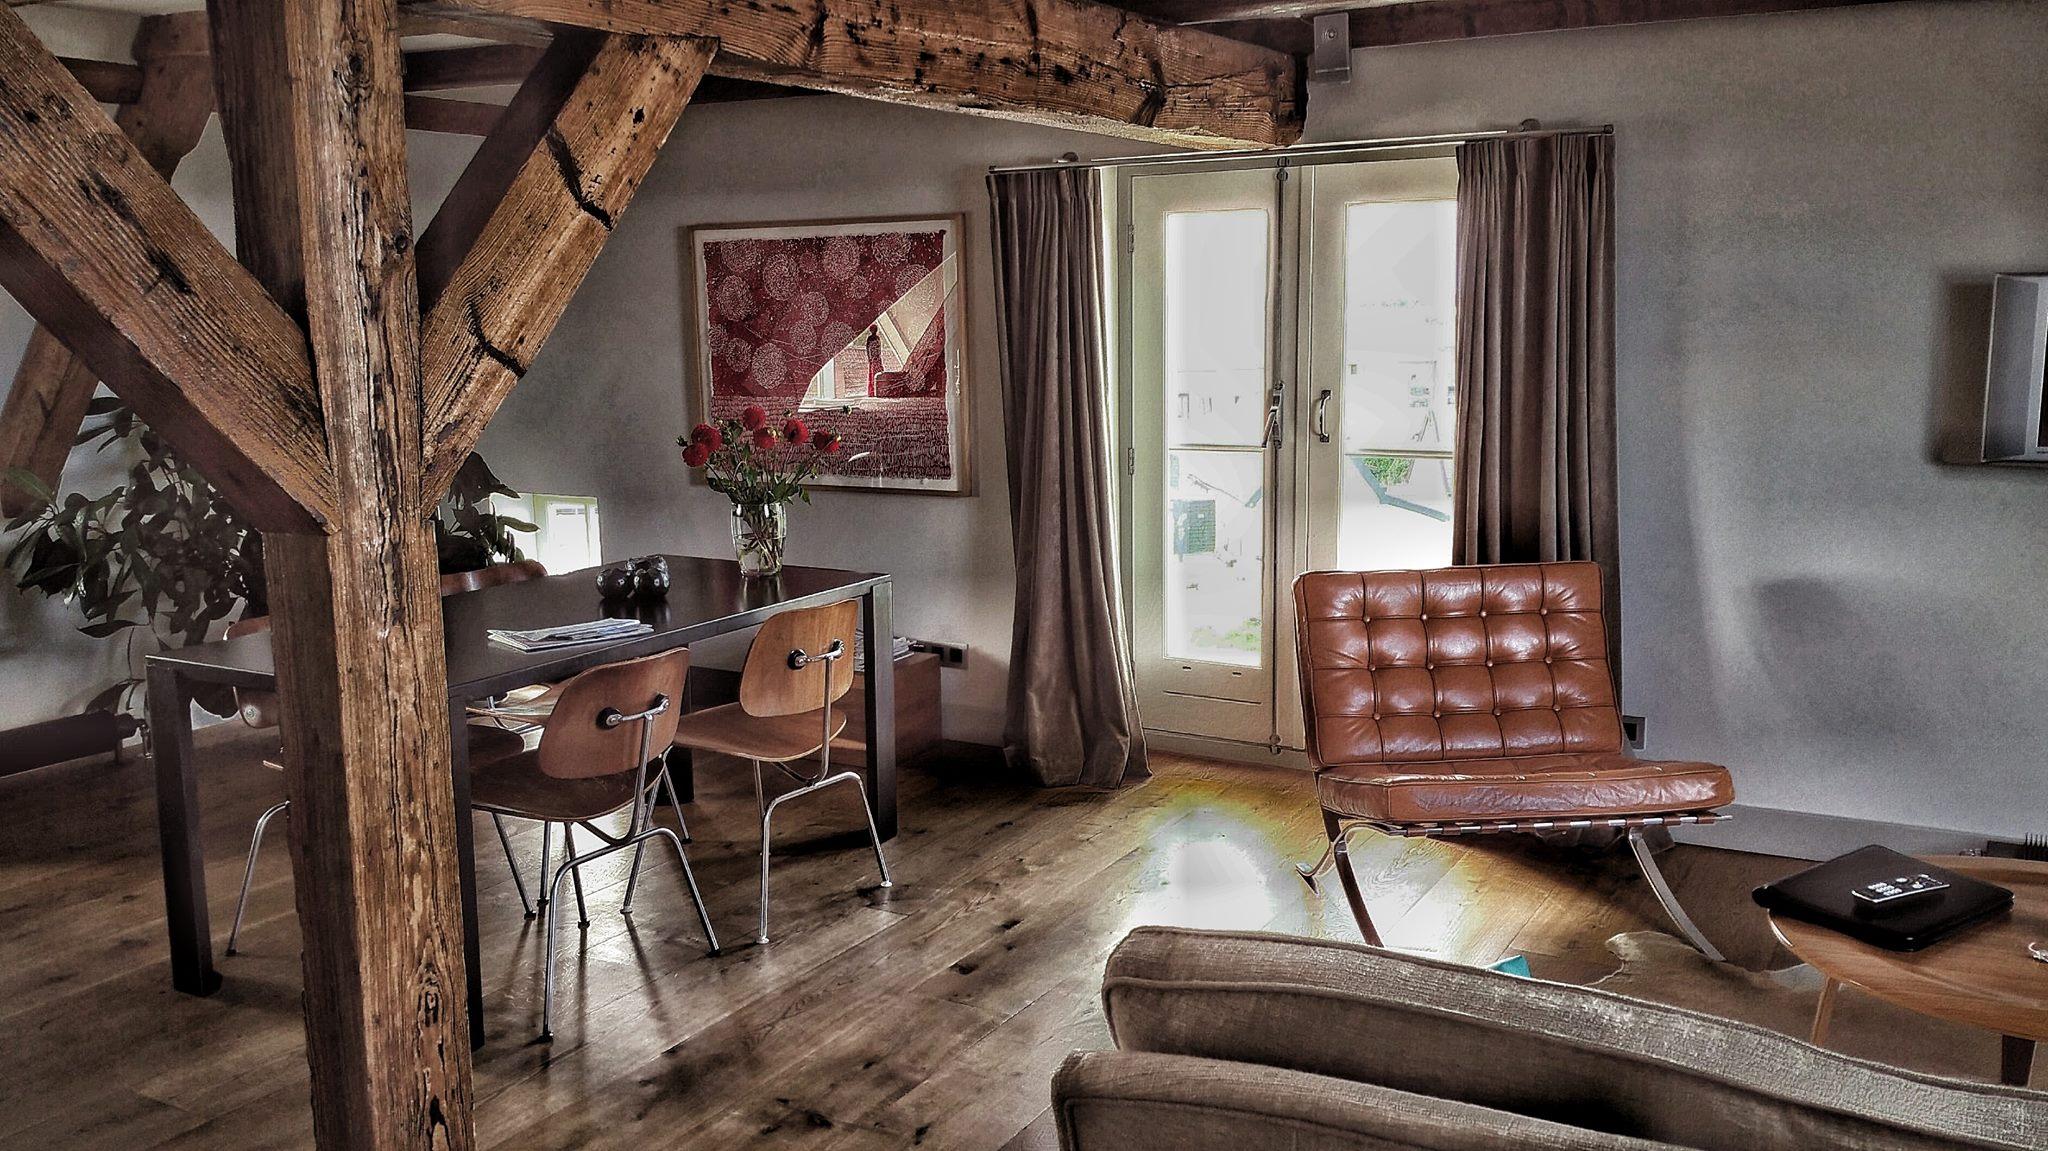 Hotel Texel - suite 3 - woonkamer